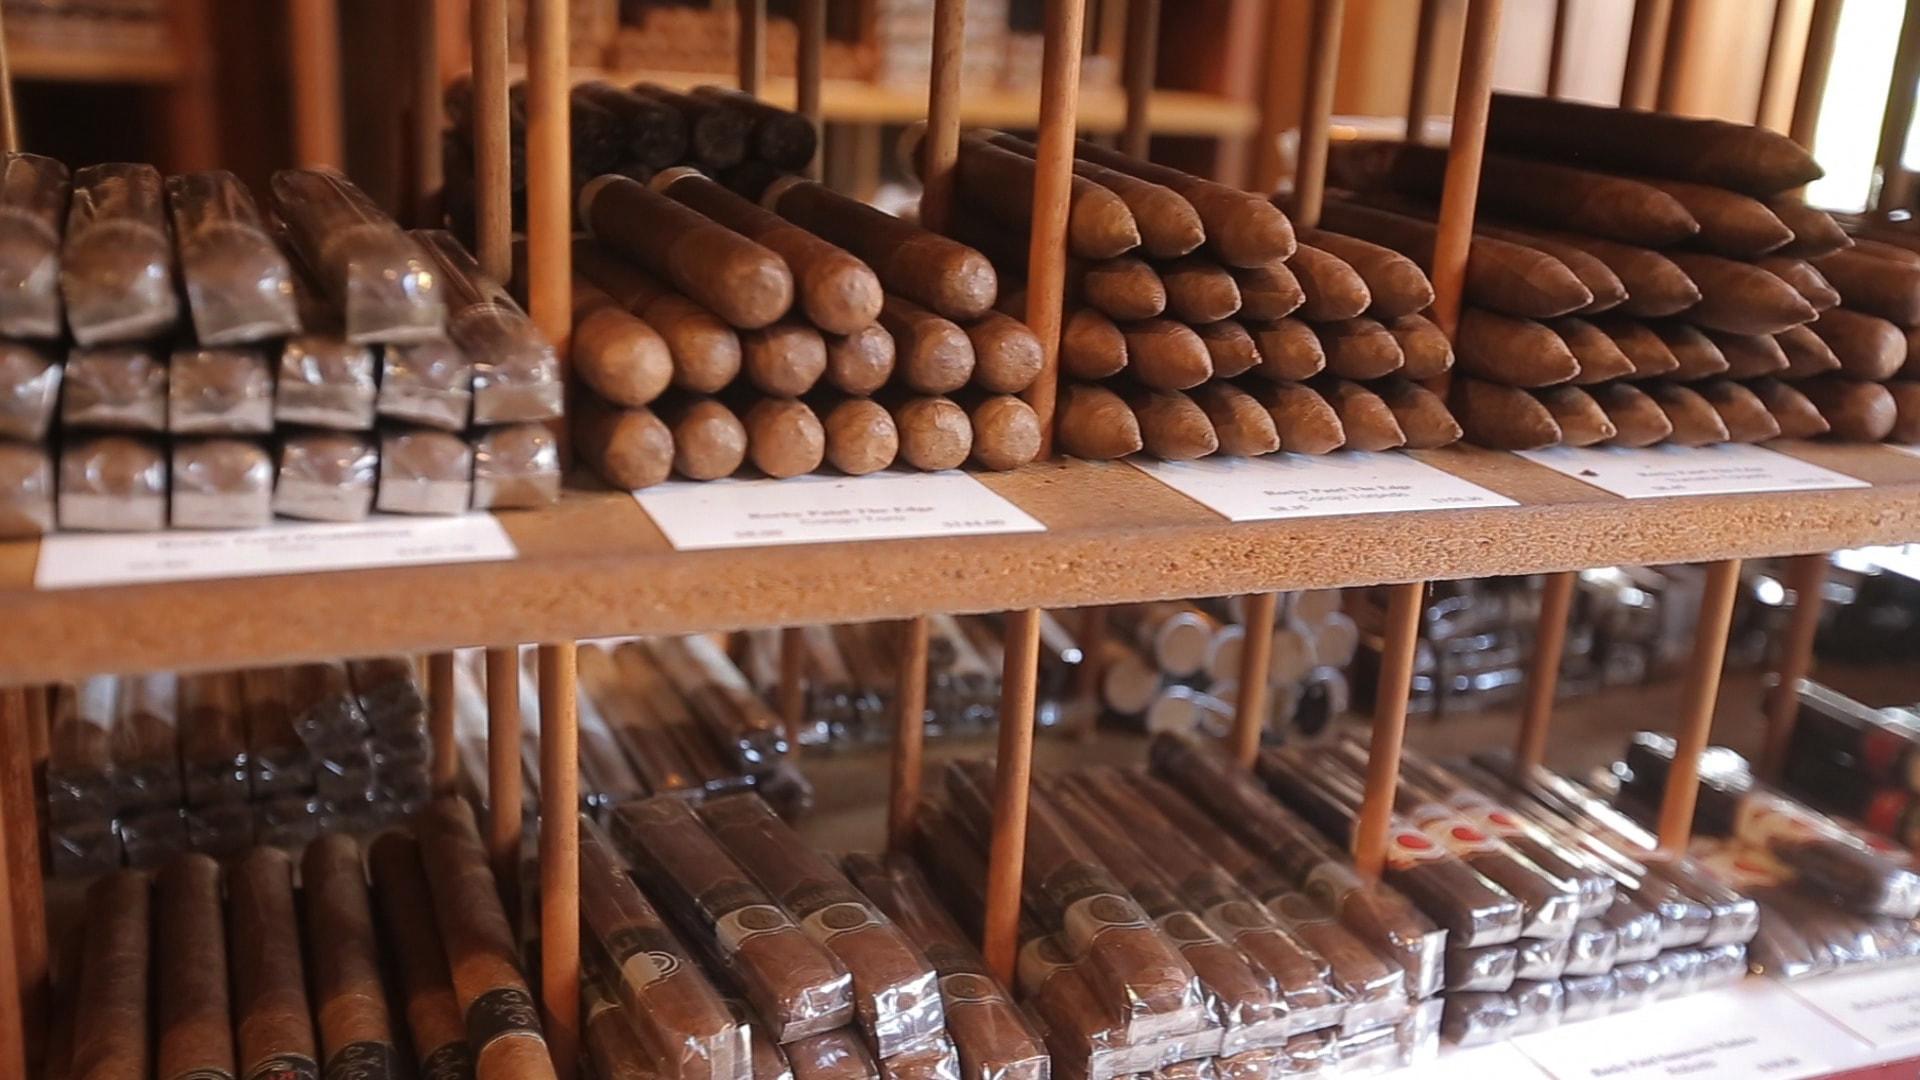 Cigar Shop in Bergen County NJ